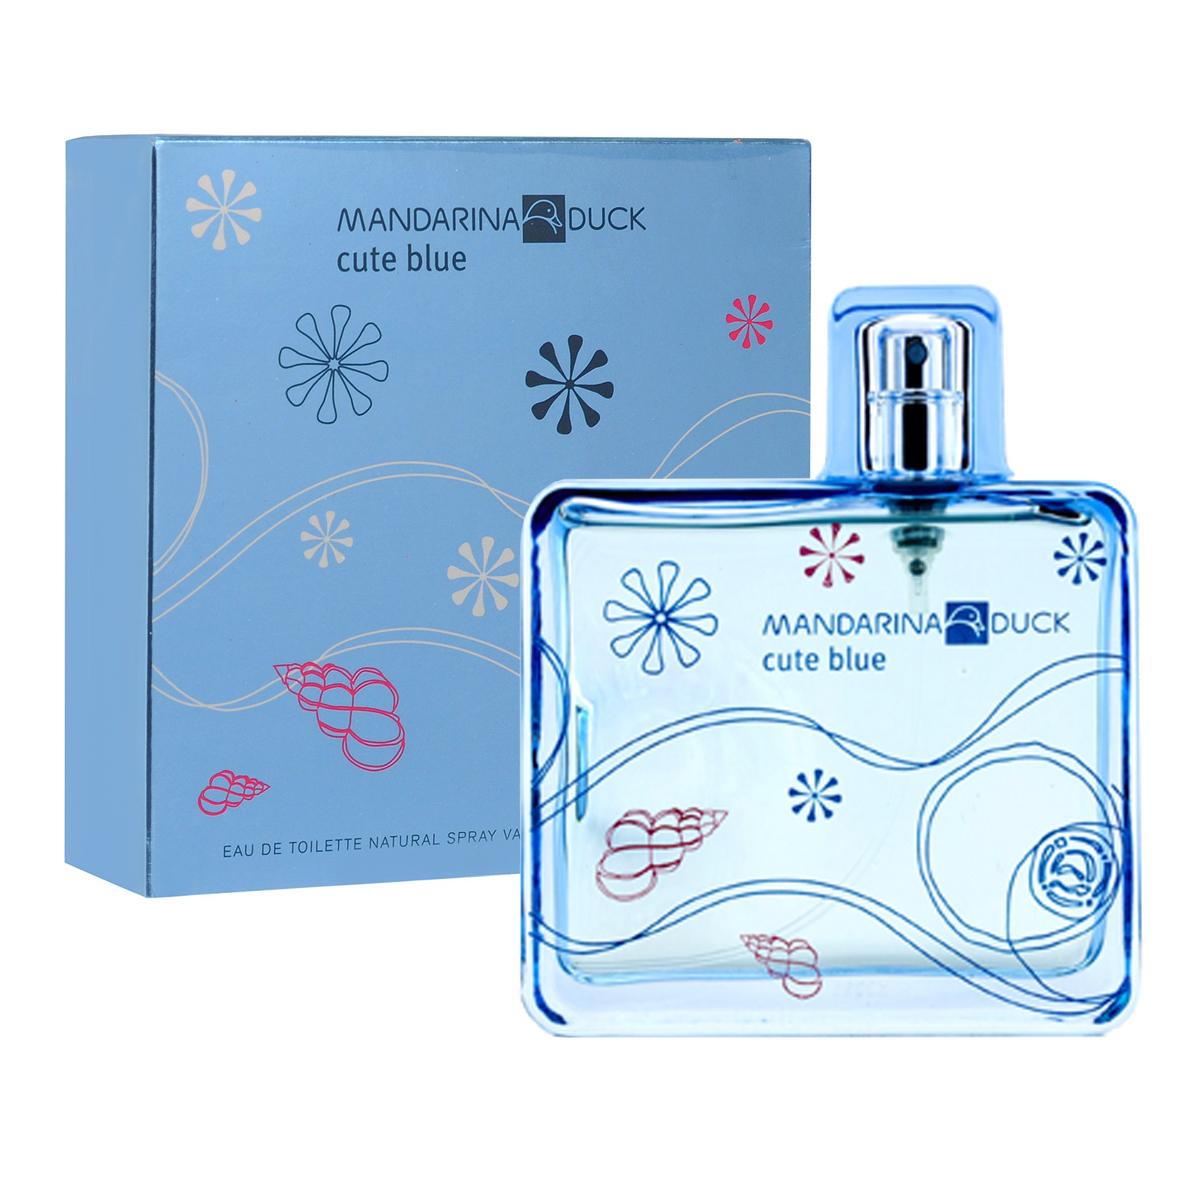 Mandarina Duck Туалетная вода Cute Blue, женская, 100 мл туалетная вода mandarina duck blue men объем 50 мл вес 100 00